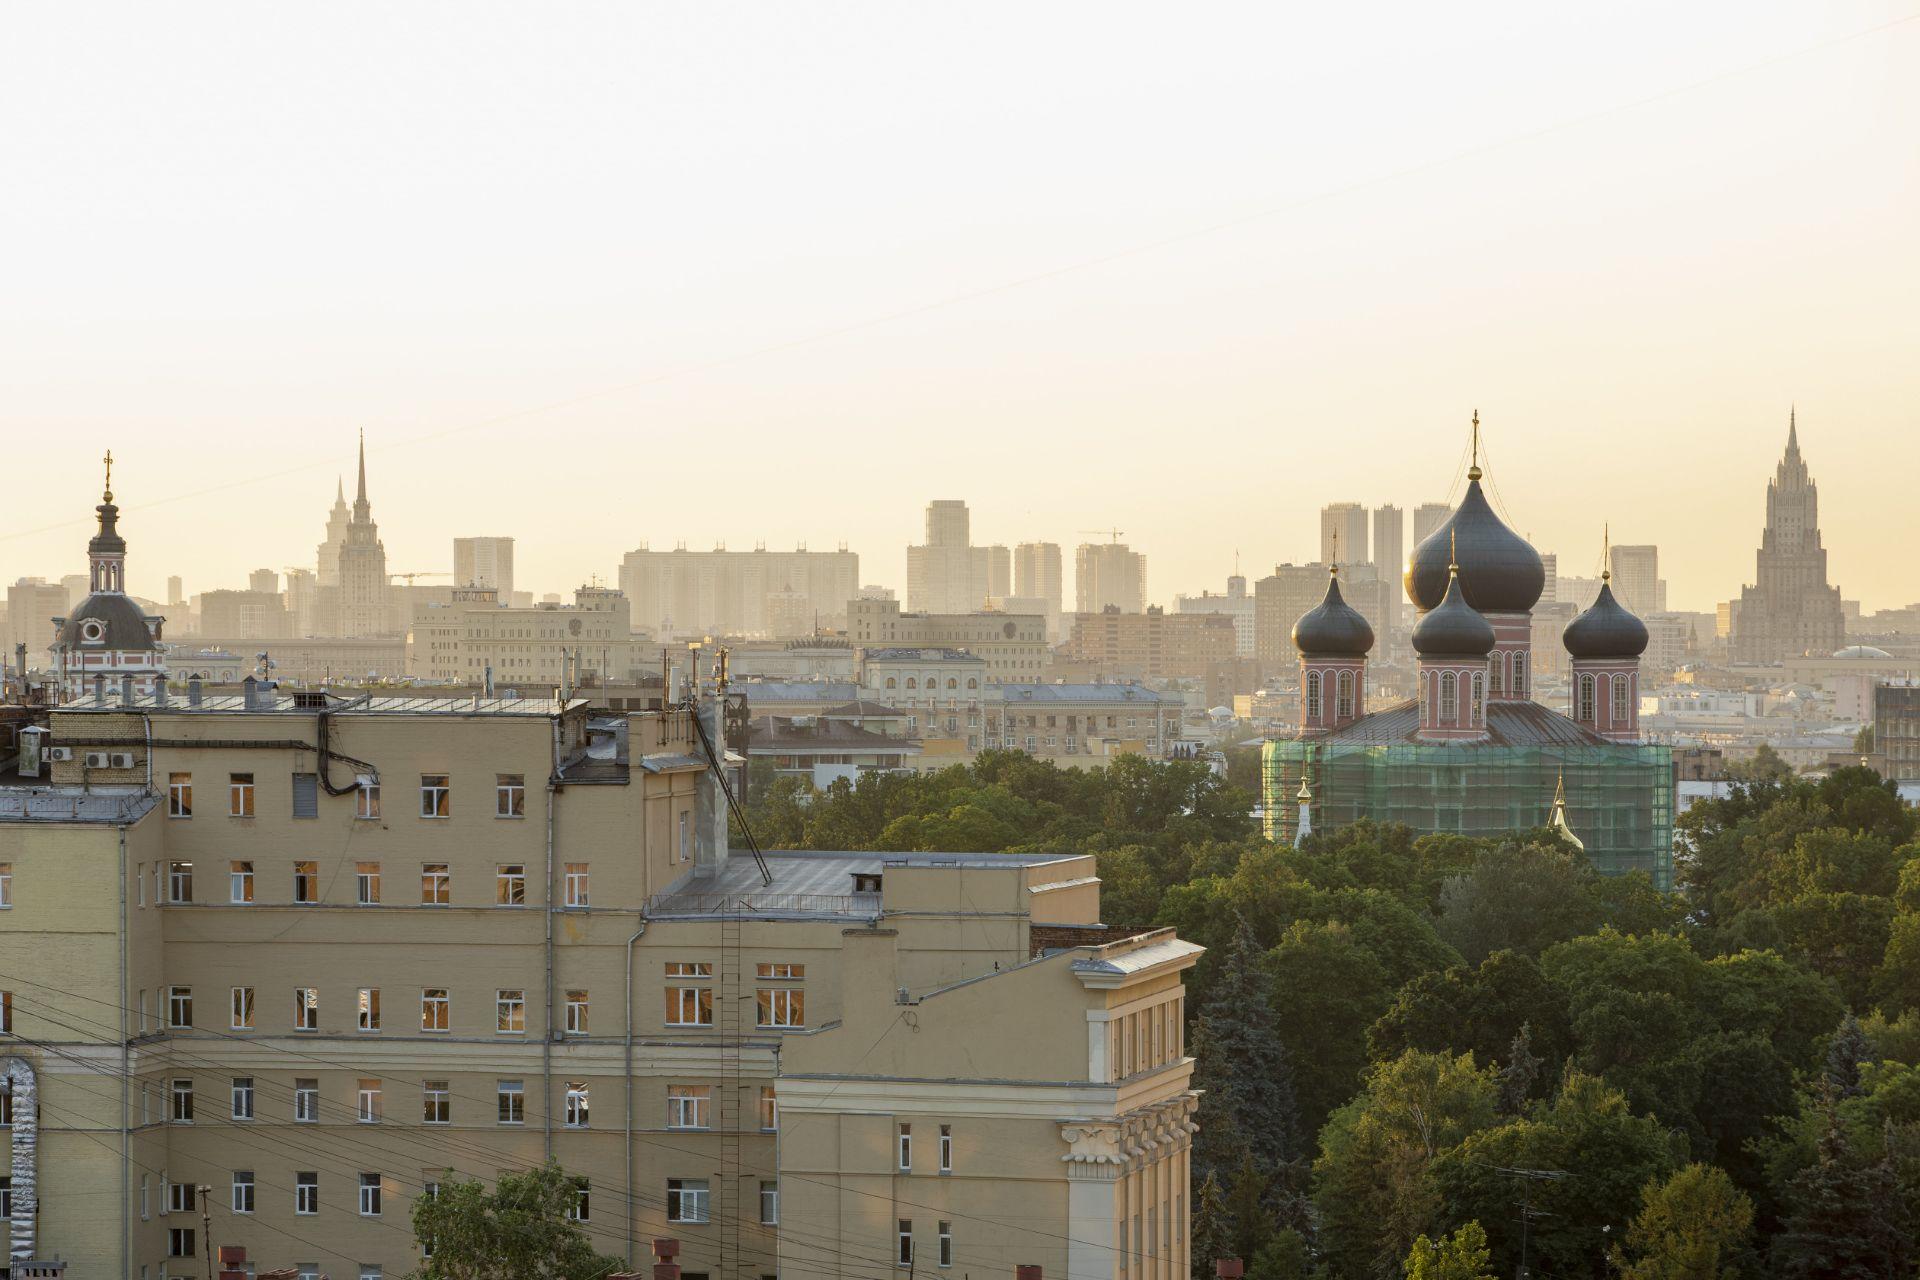 ЖК Апартаментный комплекс Level Донской (Левел Донской)